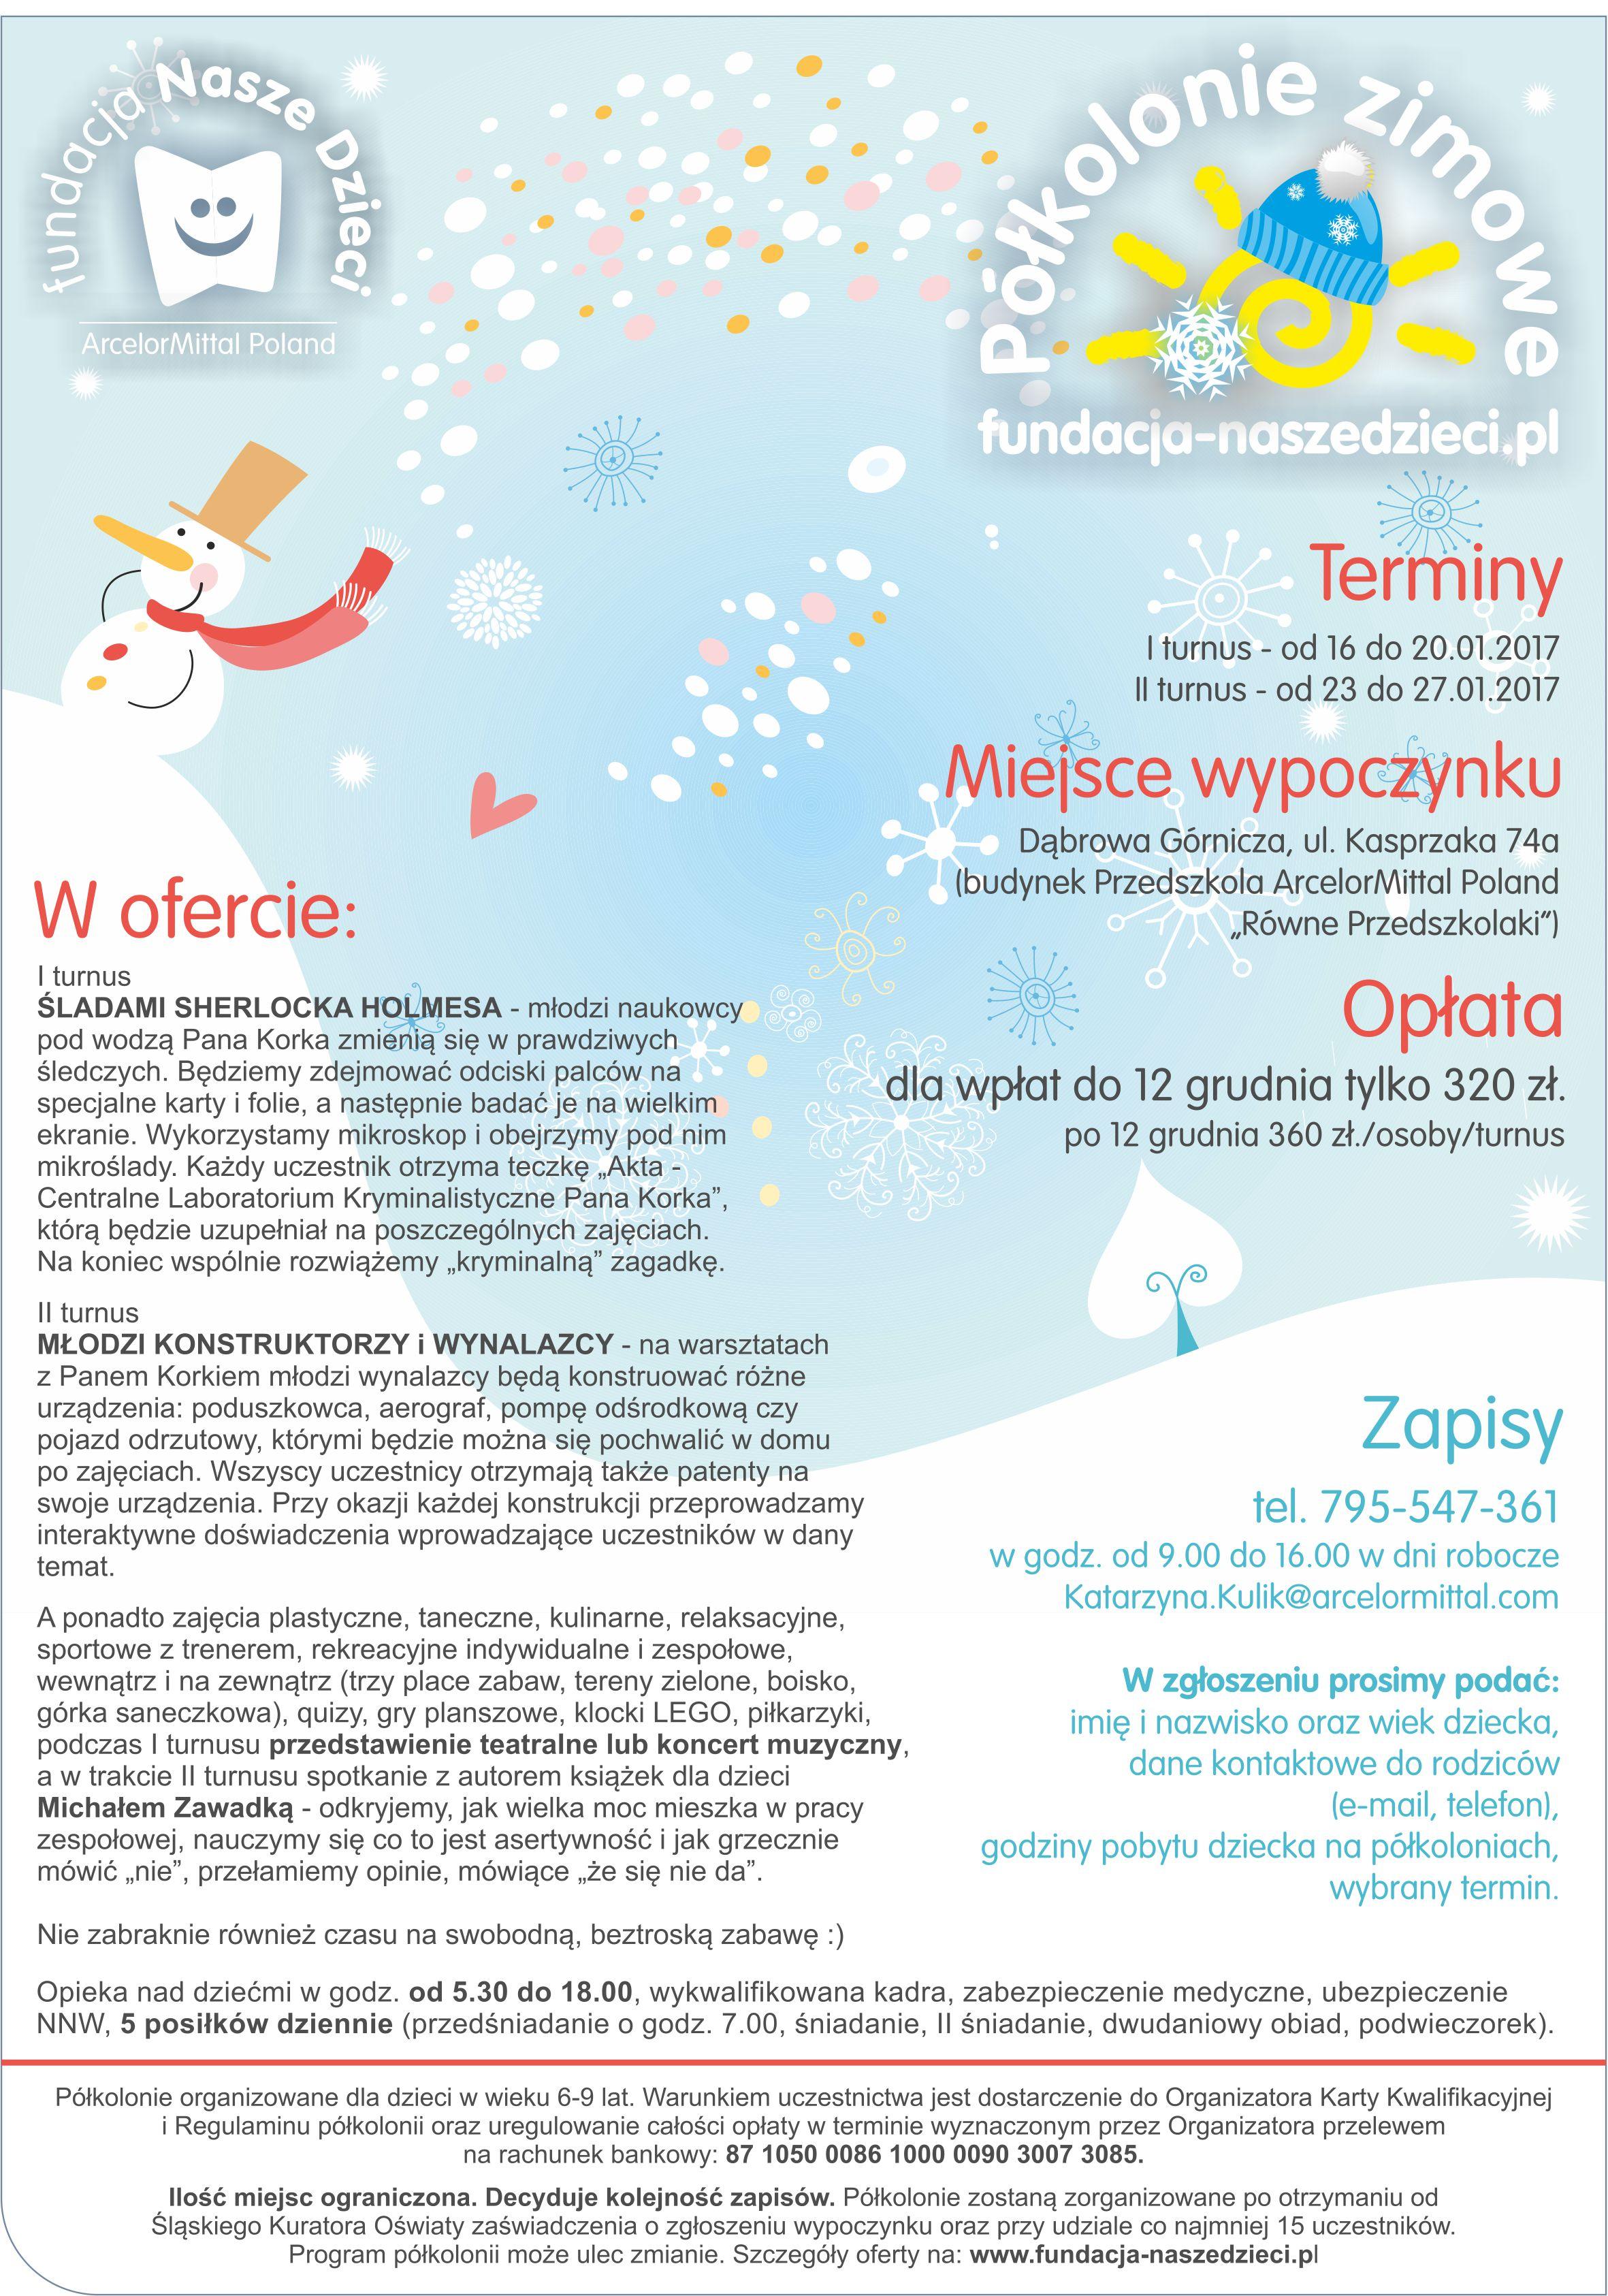 Ferie 2016! Dąbrowa Górnicza, Fundacja Nasze Dzieci